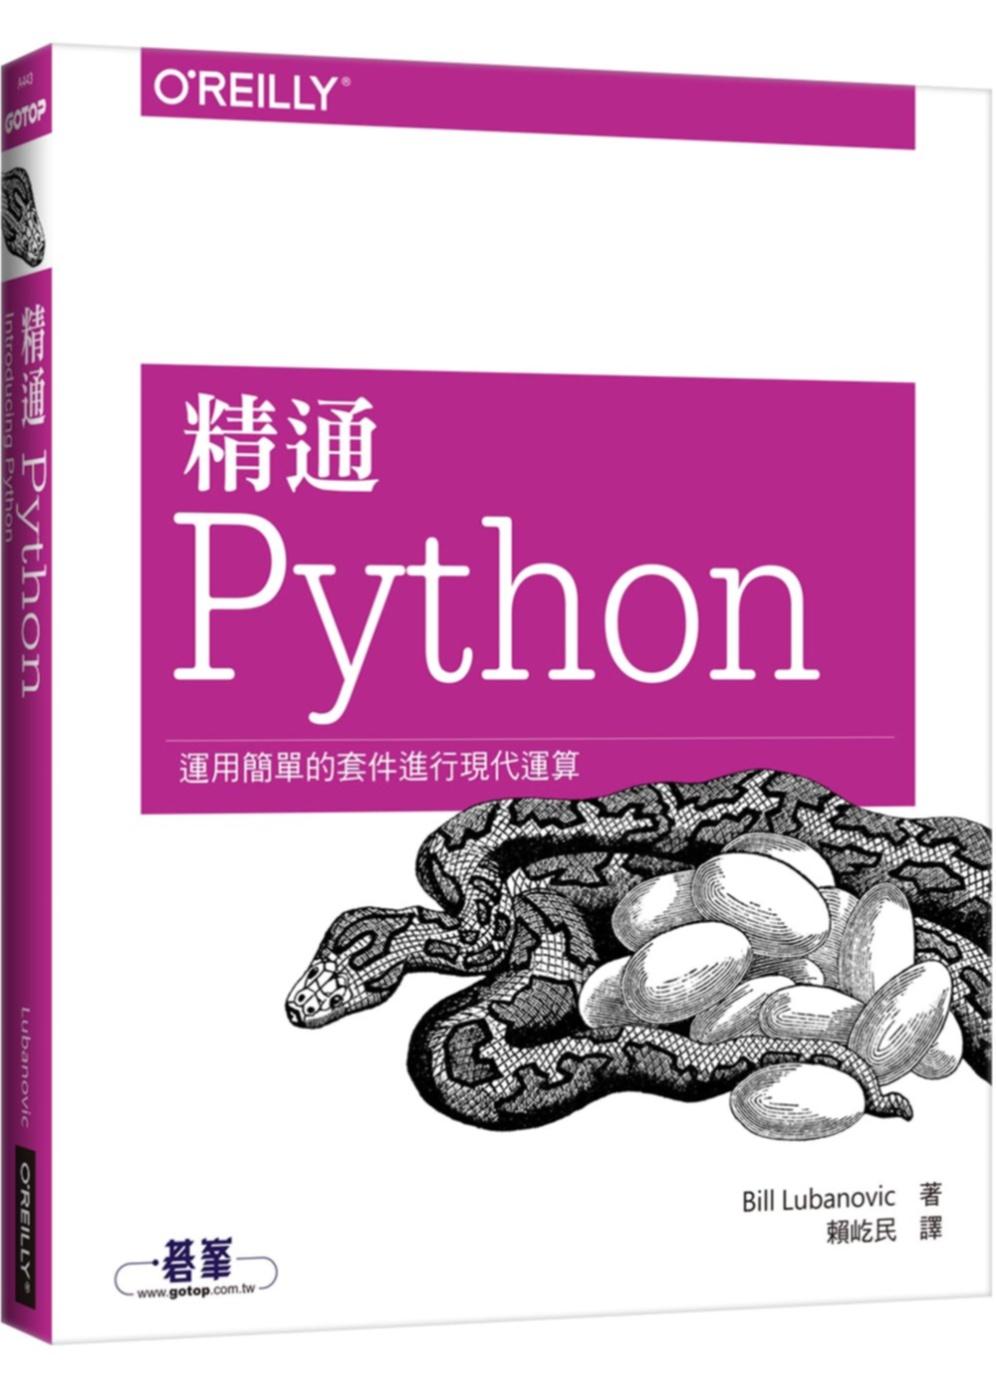 精通 Python:運用簡單的套件進行現代運算